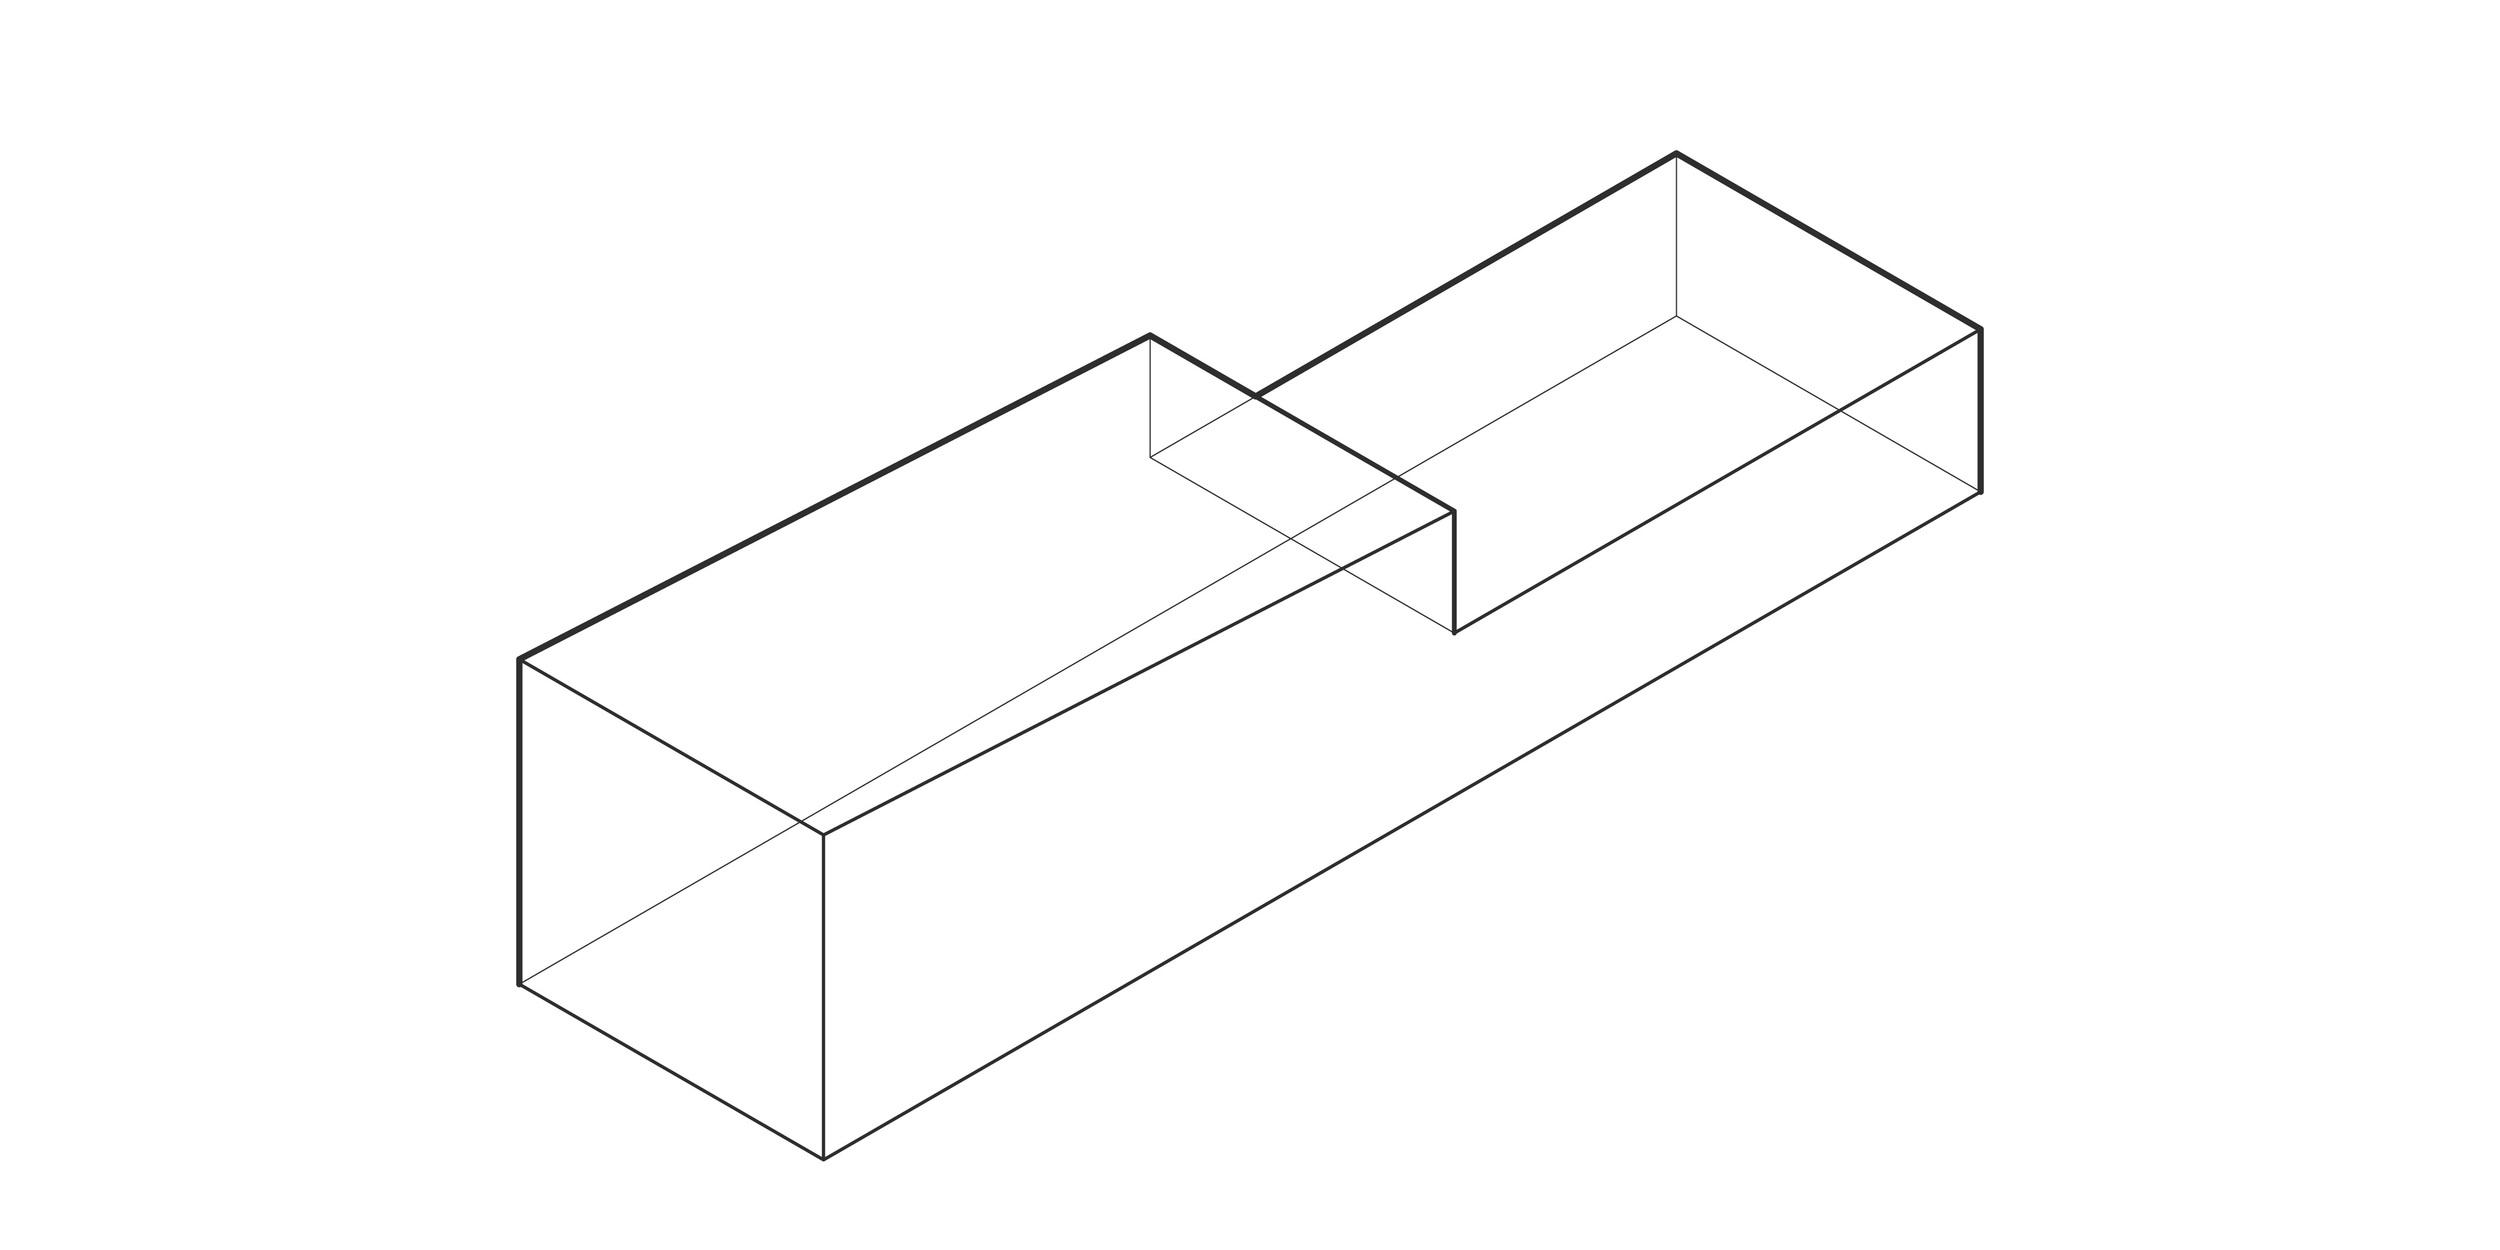 307_3rd-SD-160413-Diagram-03-01.jpg